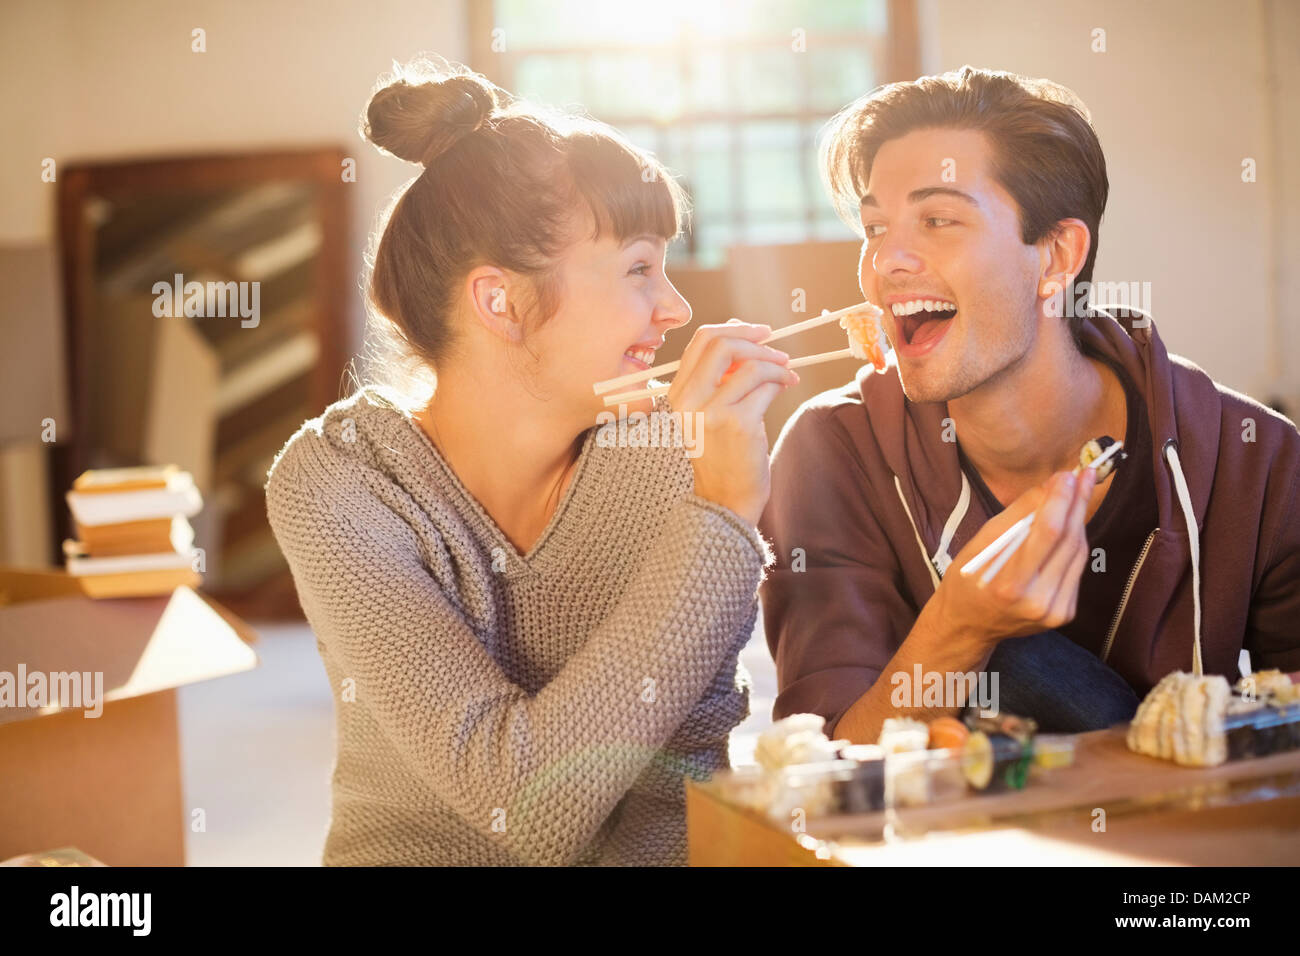 Par de comer sushi juntos en la nueva casaFoto de stock